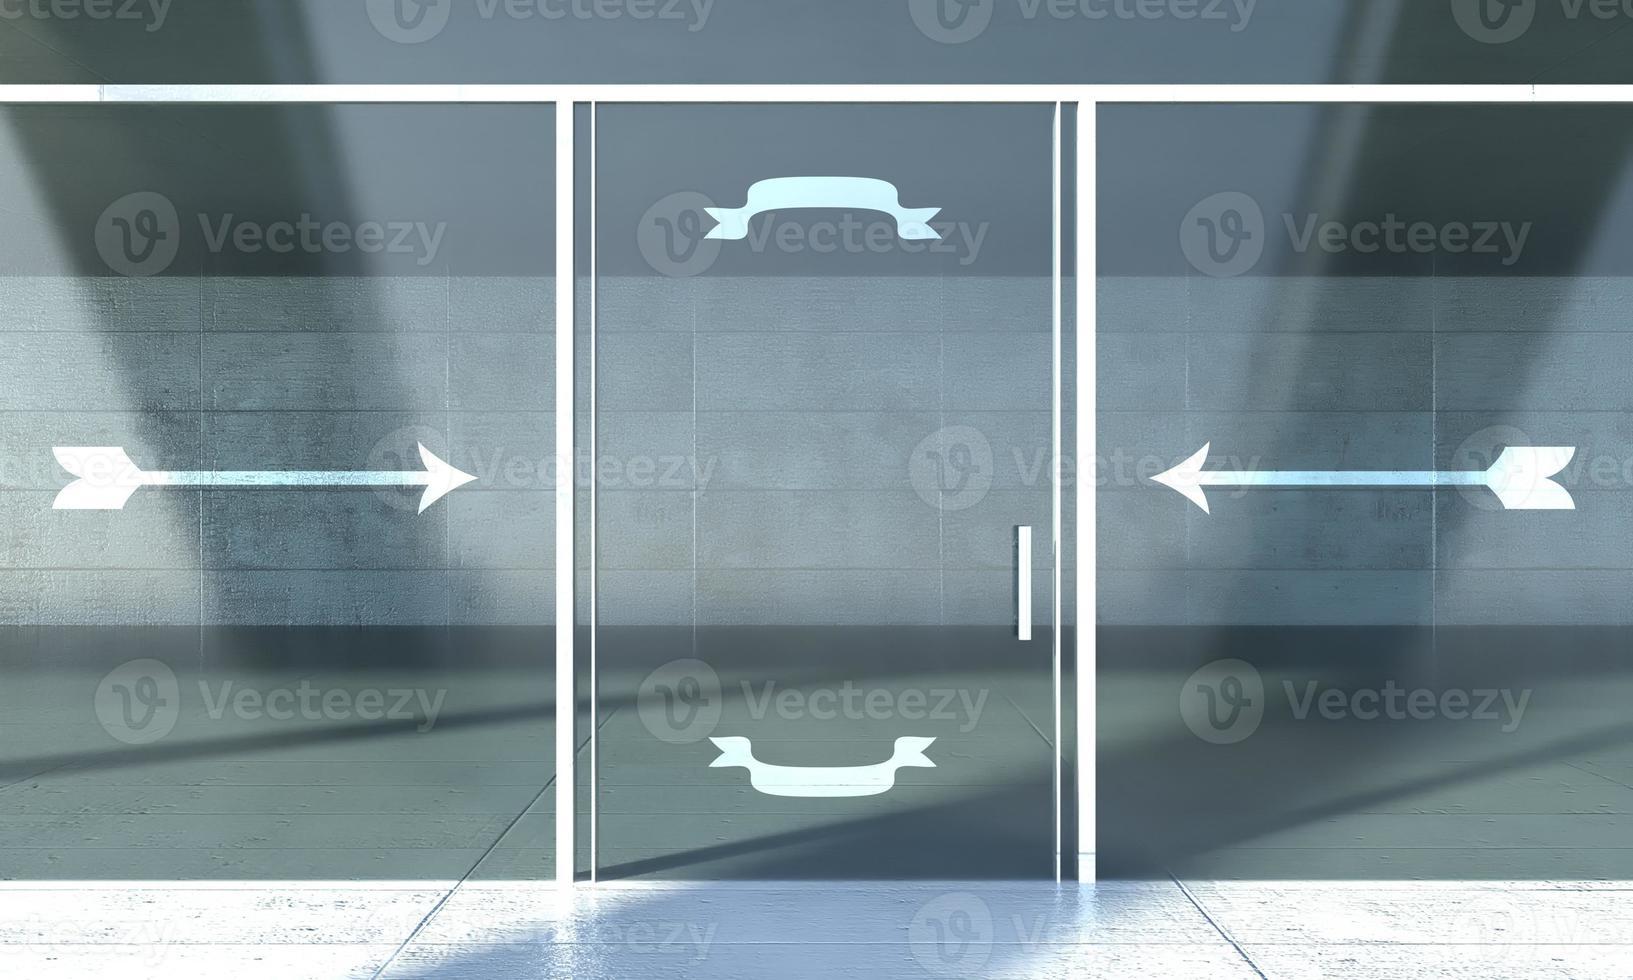 porte d'entrée avec des signes invitants, un espace vide pour le texte photo